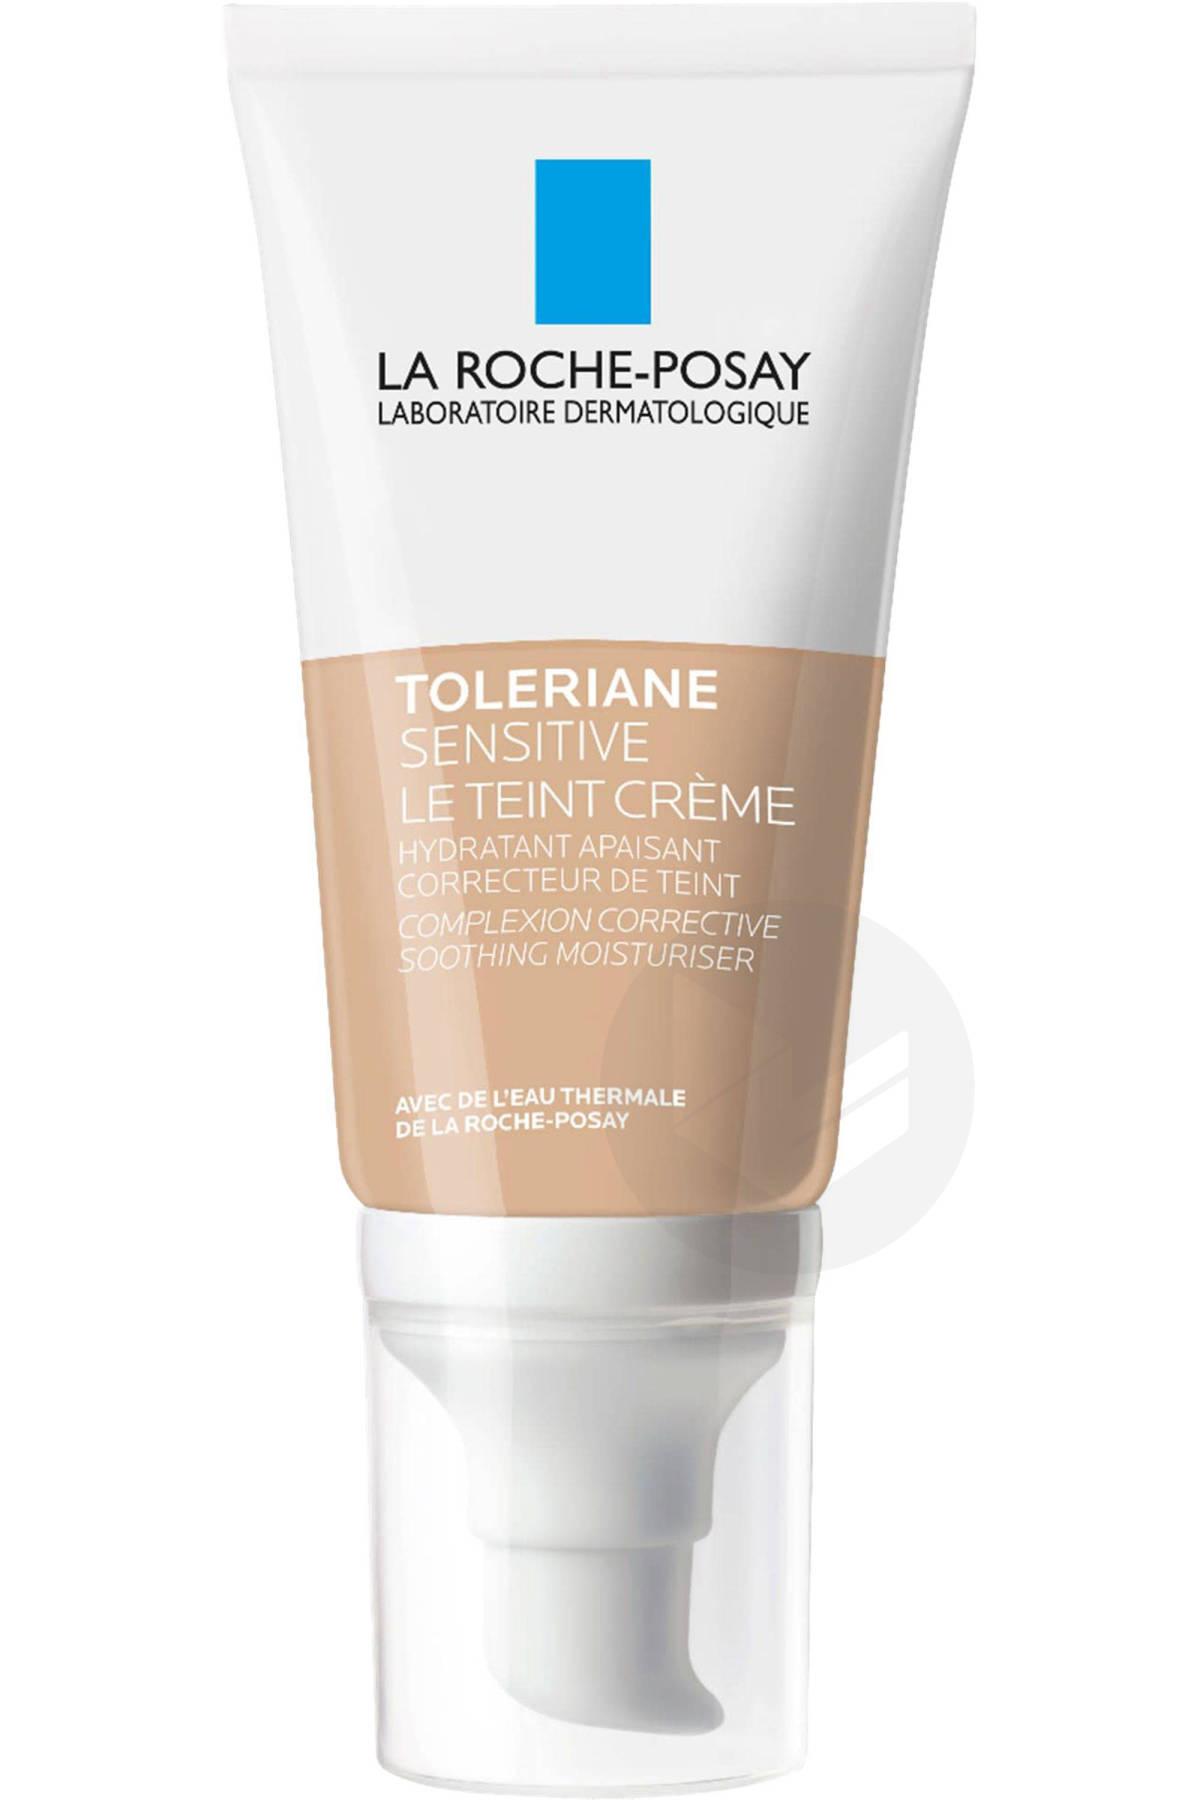 Toleriane Sensitive Le Teint Crème Light 50ml